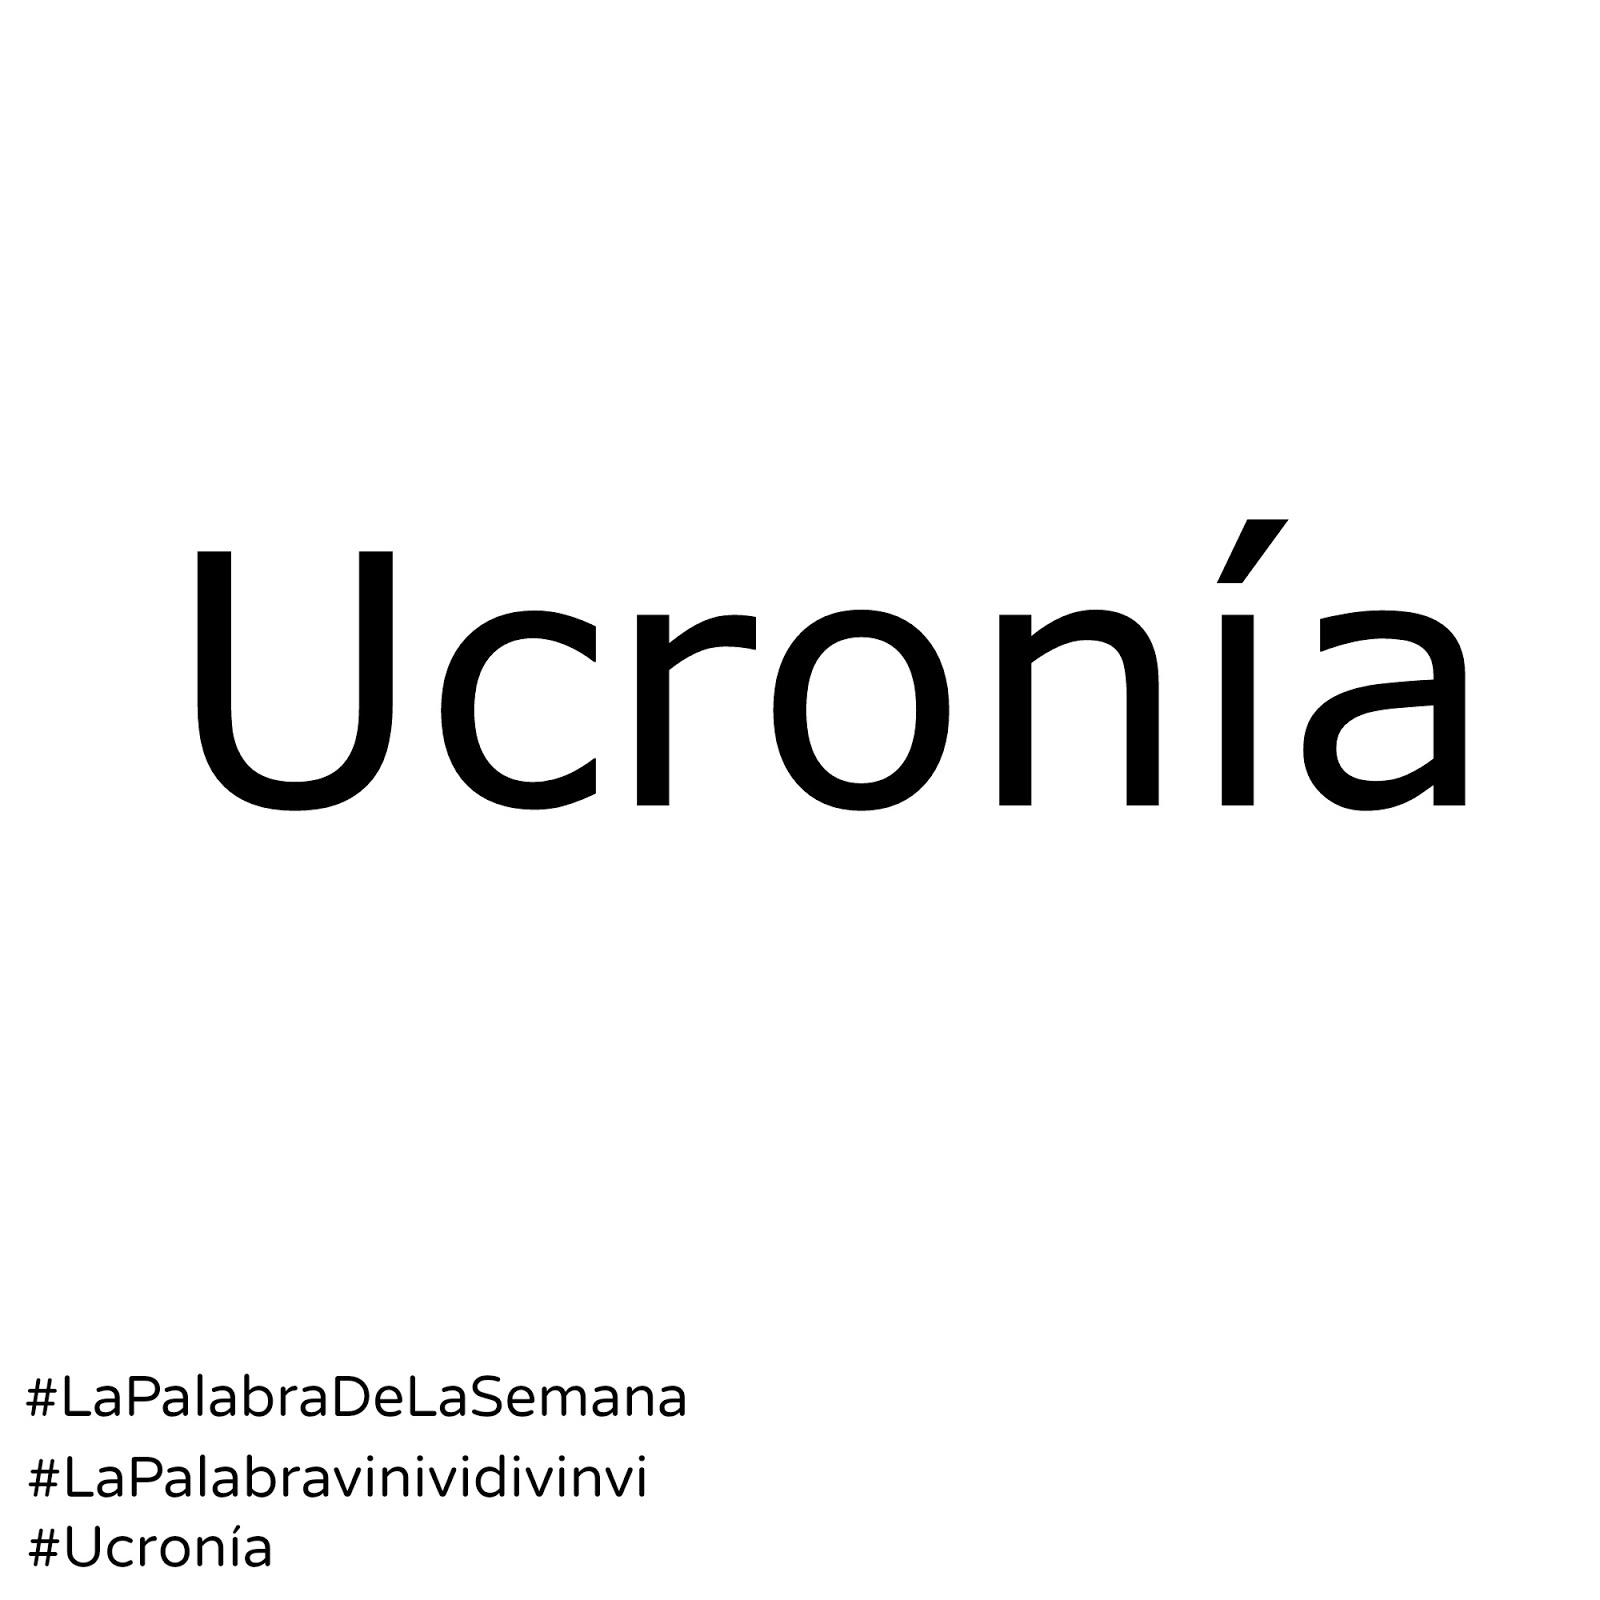 La palabra de la semana Ucronía #lapalabradelasemana #vinividivinvi #lapalabravinividivinvi #ucronía